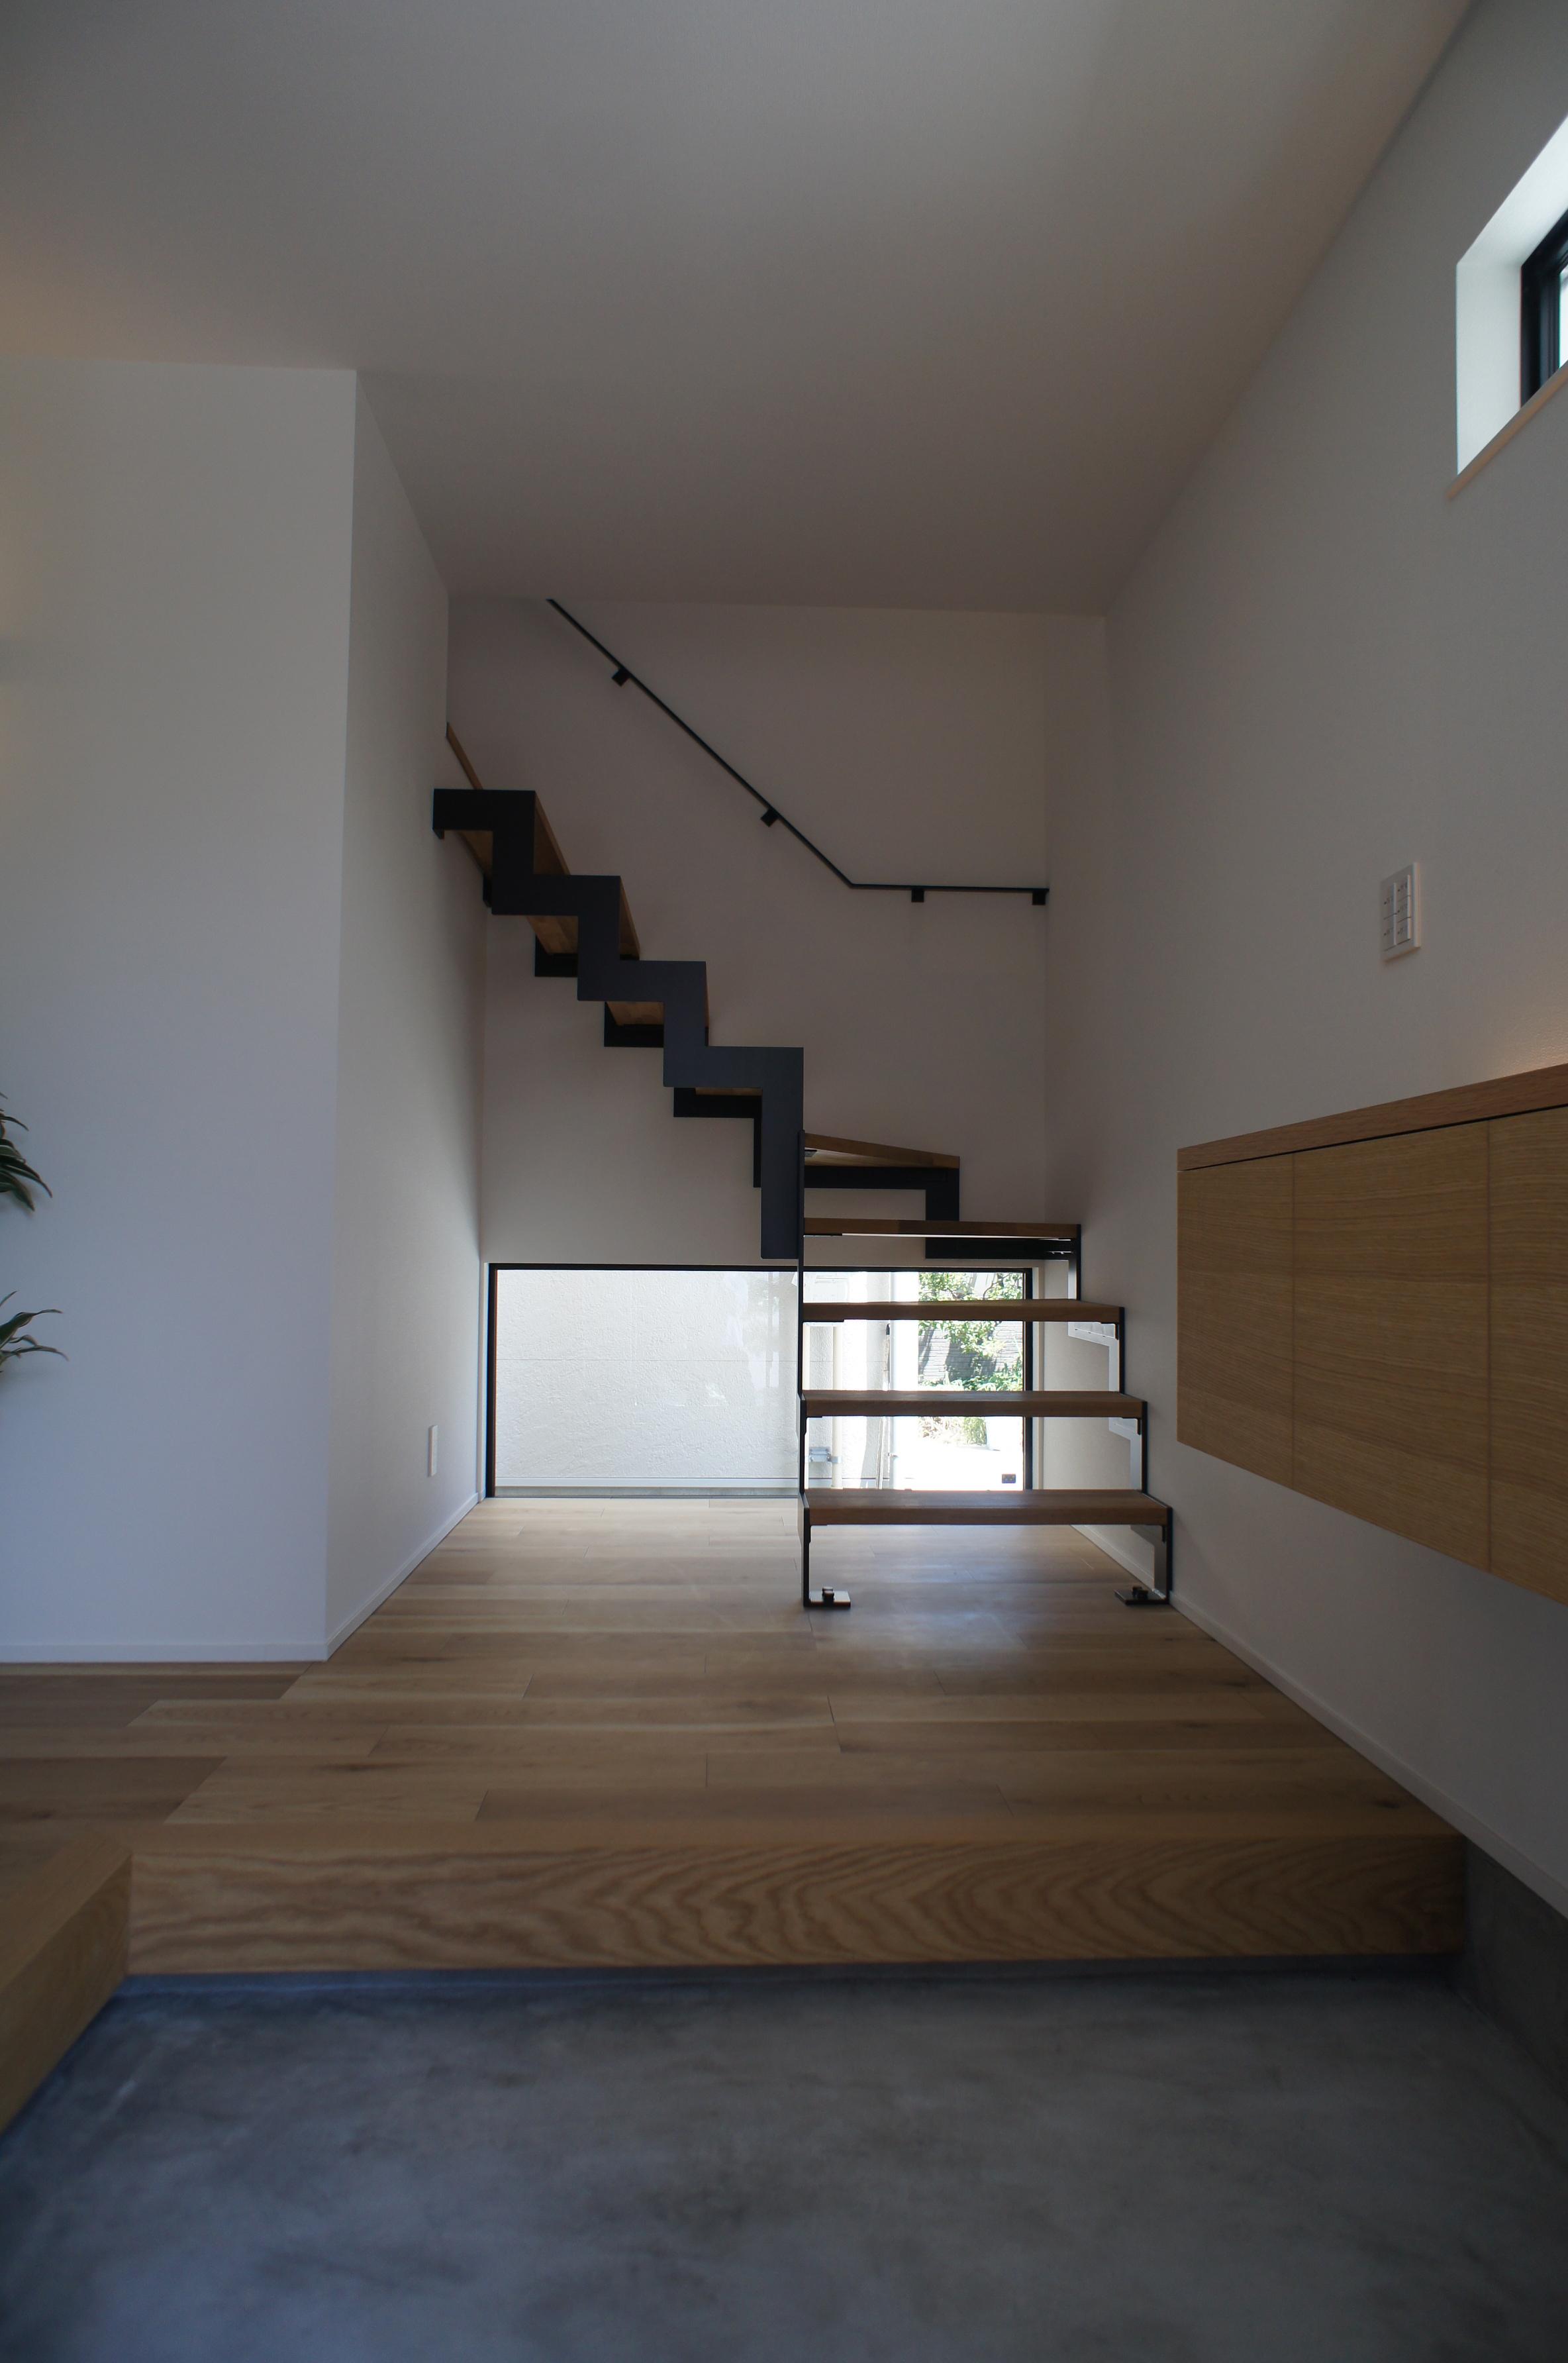 洗練された空間を生むスチール階段。